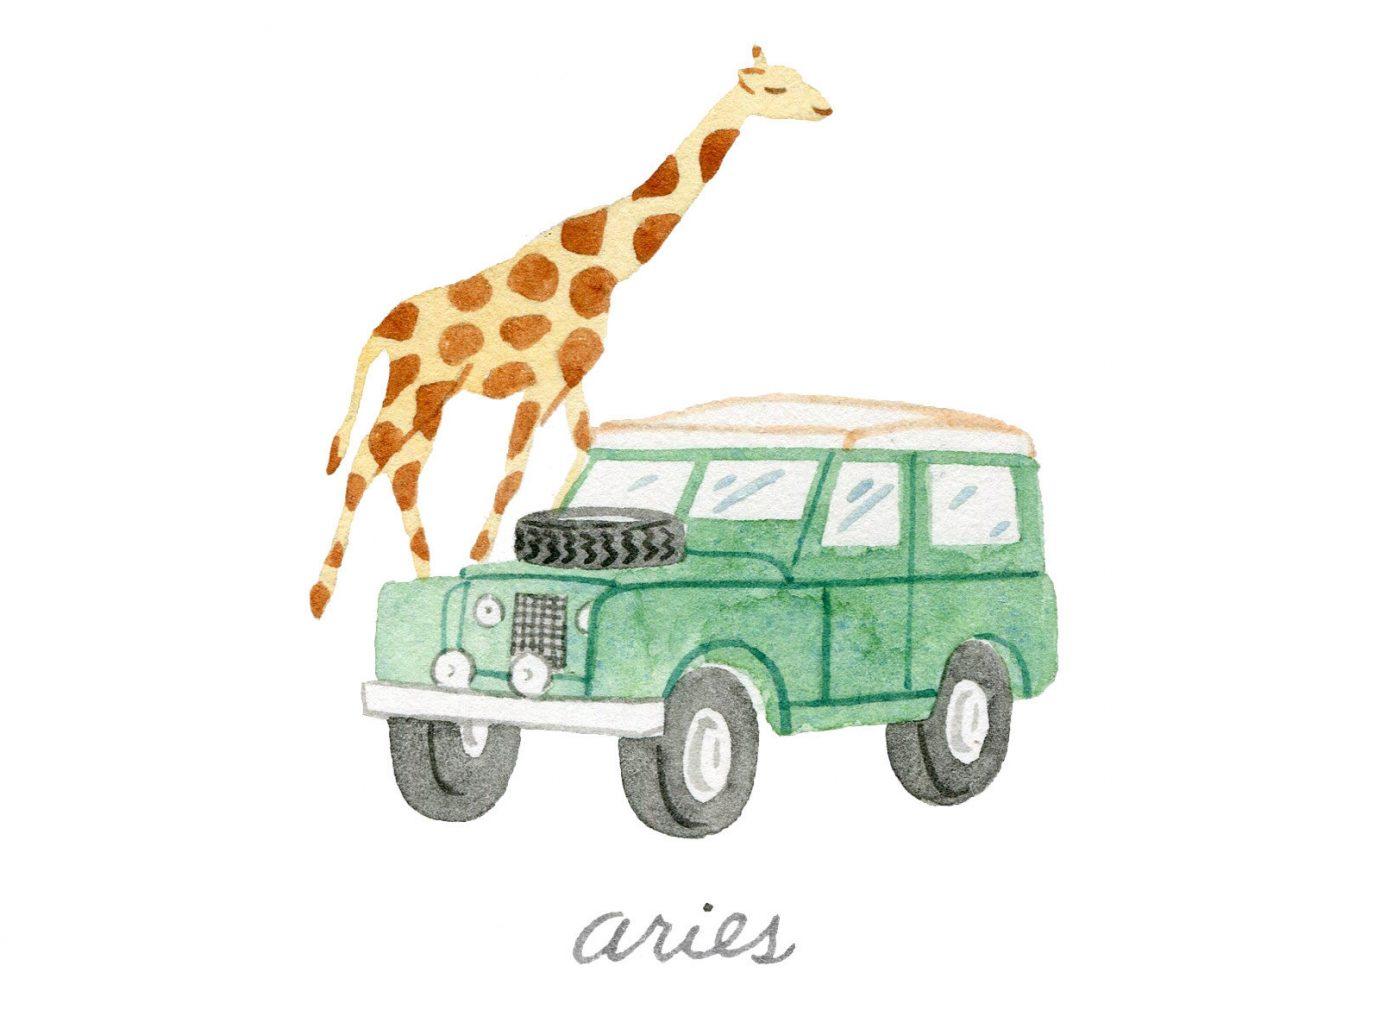 Style + Design transport model car illustration toy